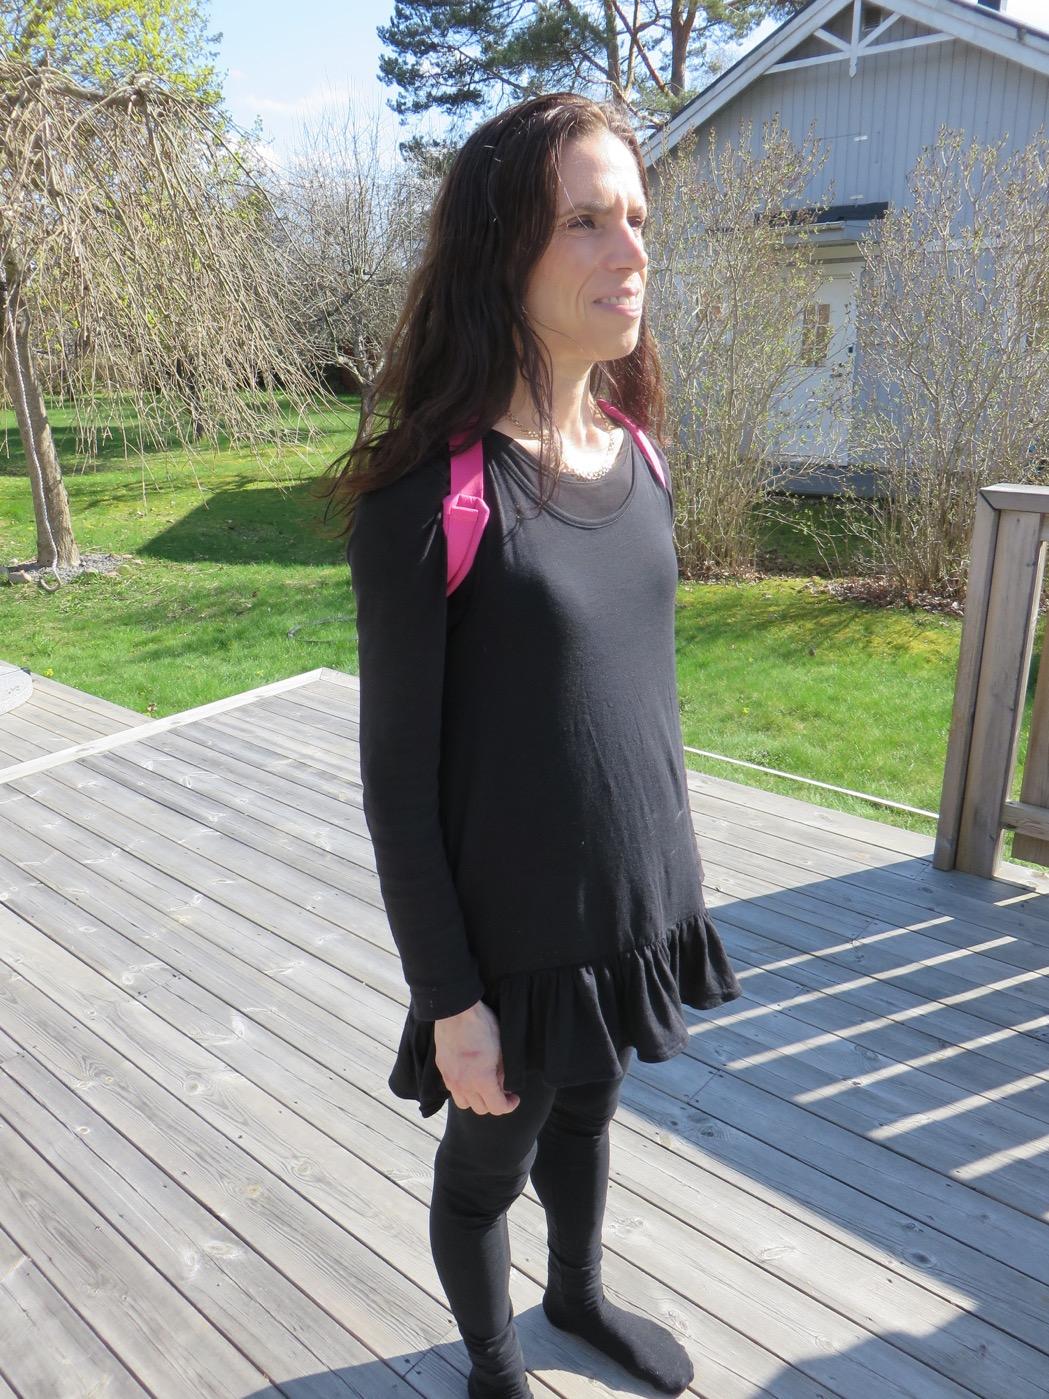 Få en attraktiv och funktionell hållning med selen från Swedish Posture